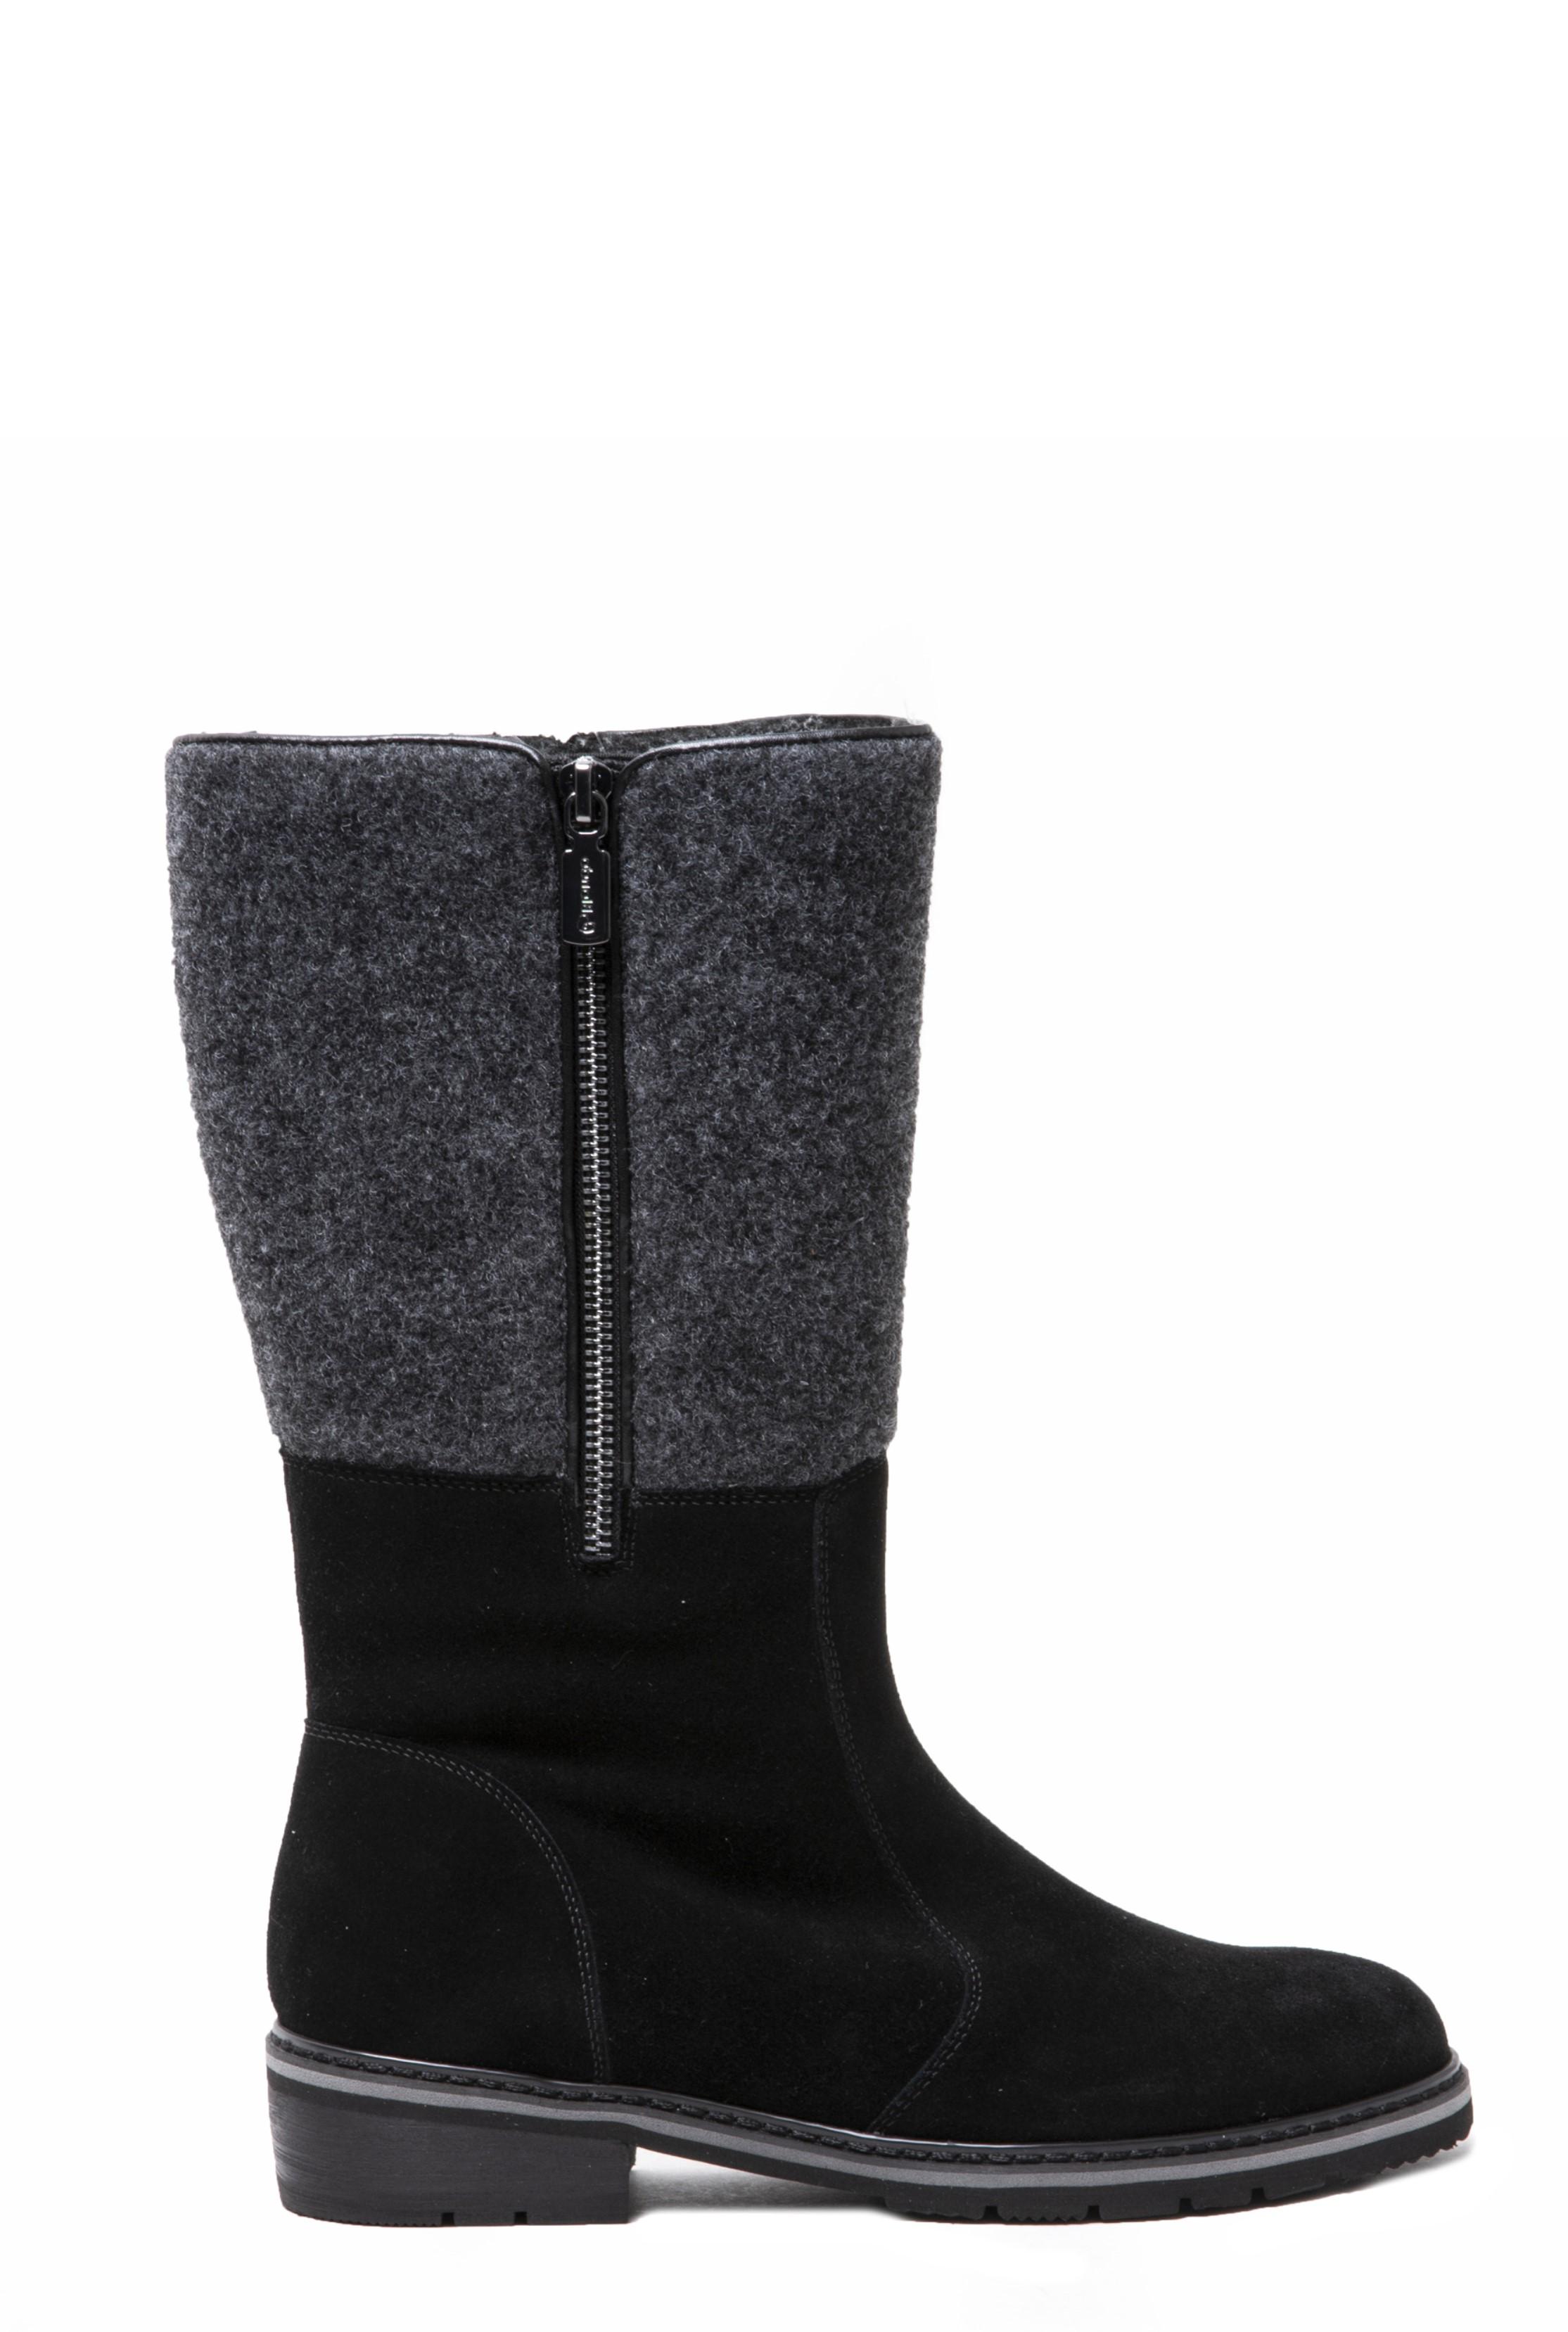 BLONDO Black Vanne Suede Zip Boot